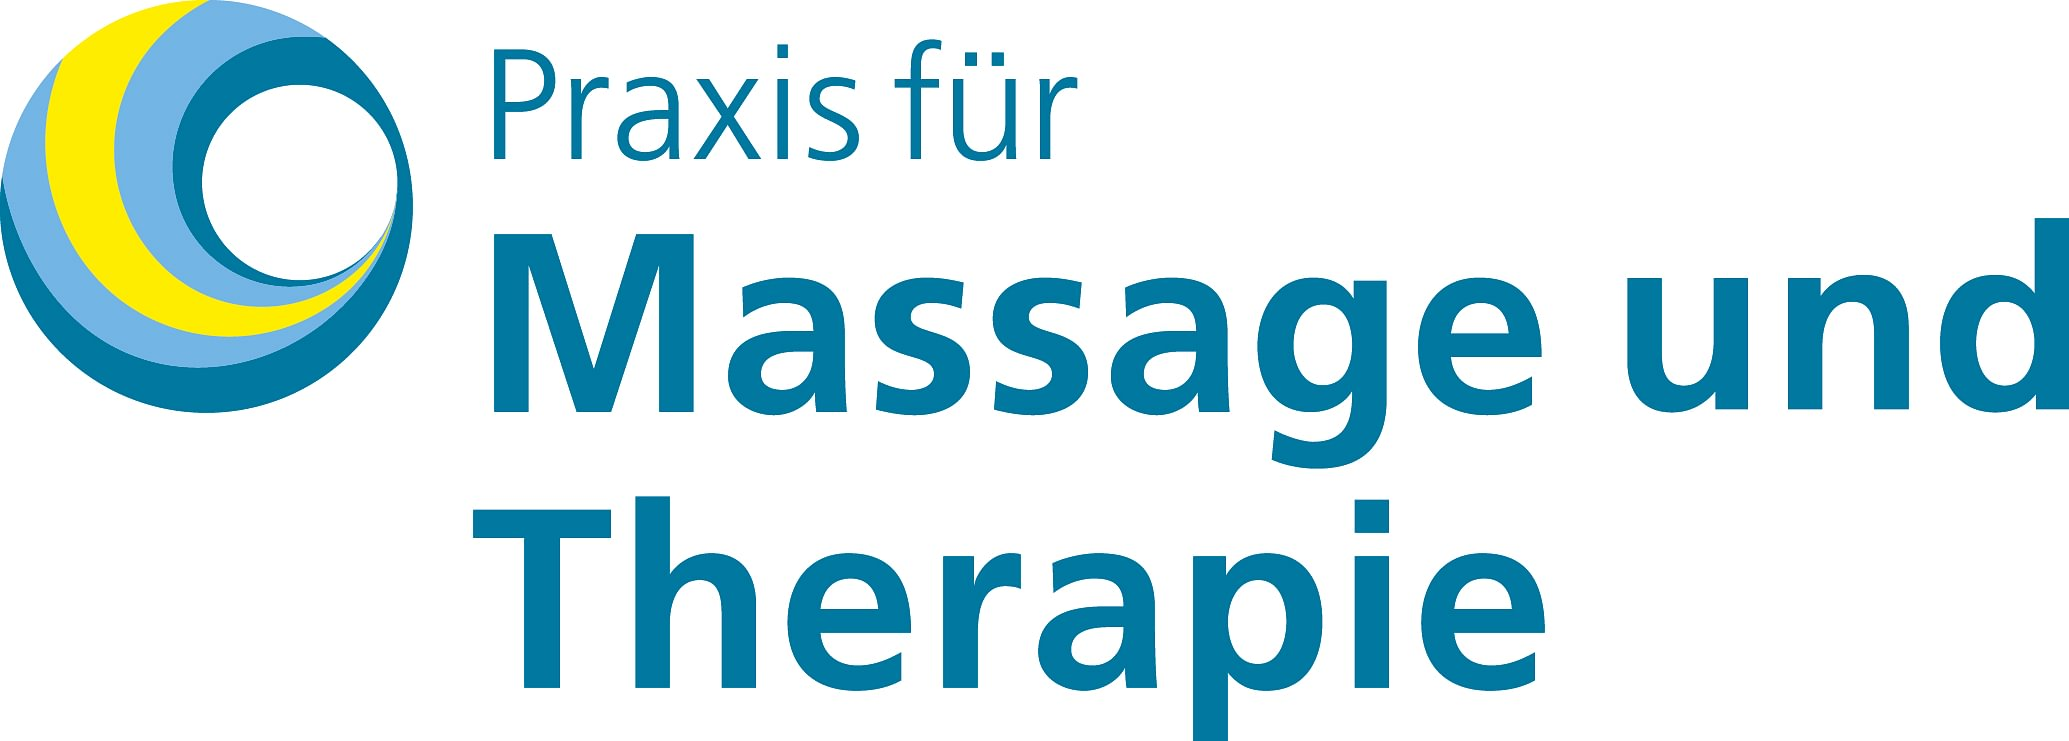 Praxis für Massage und Therapie